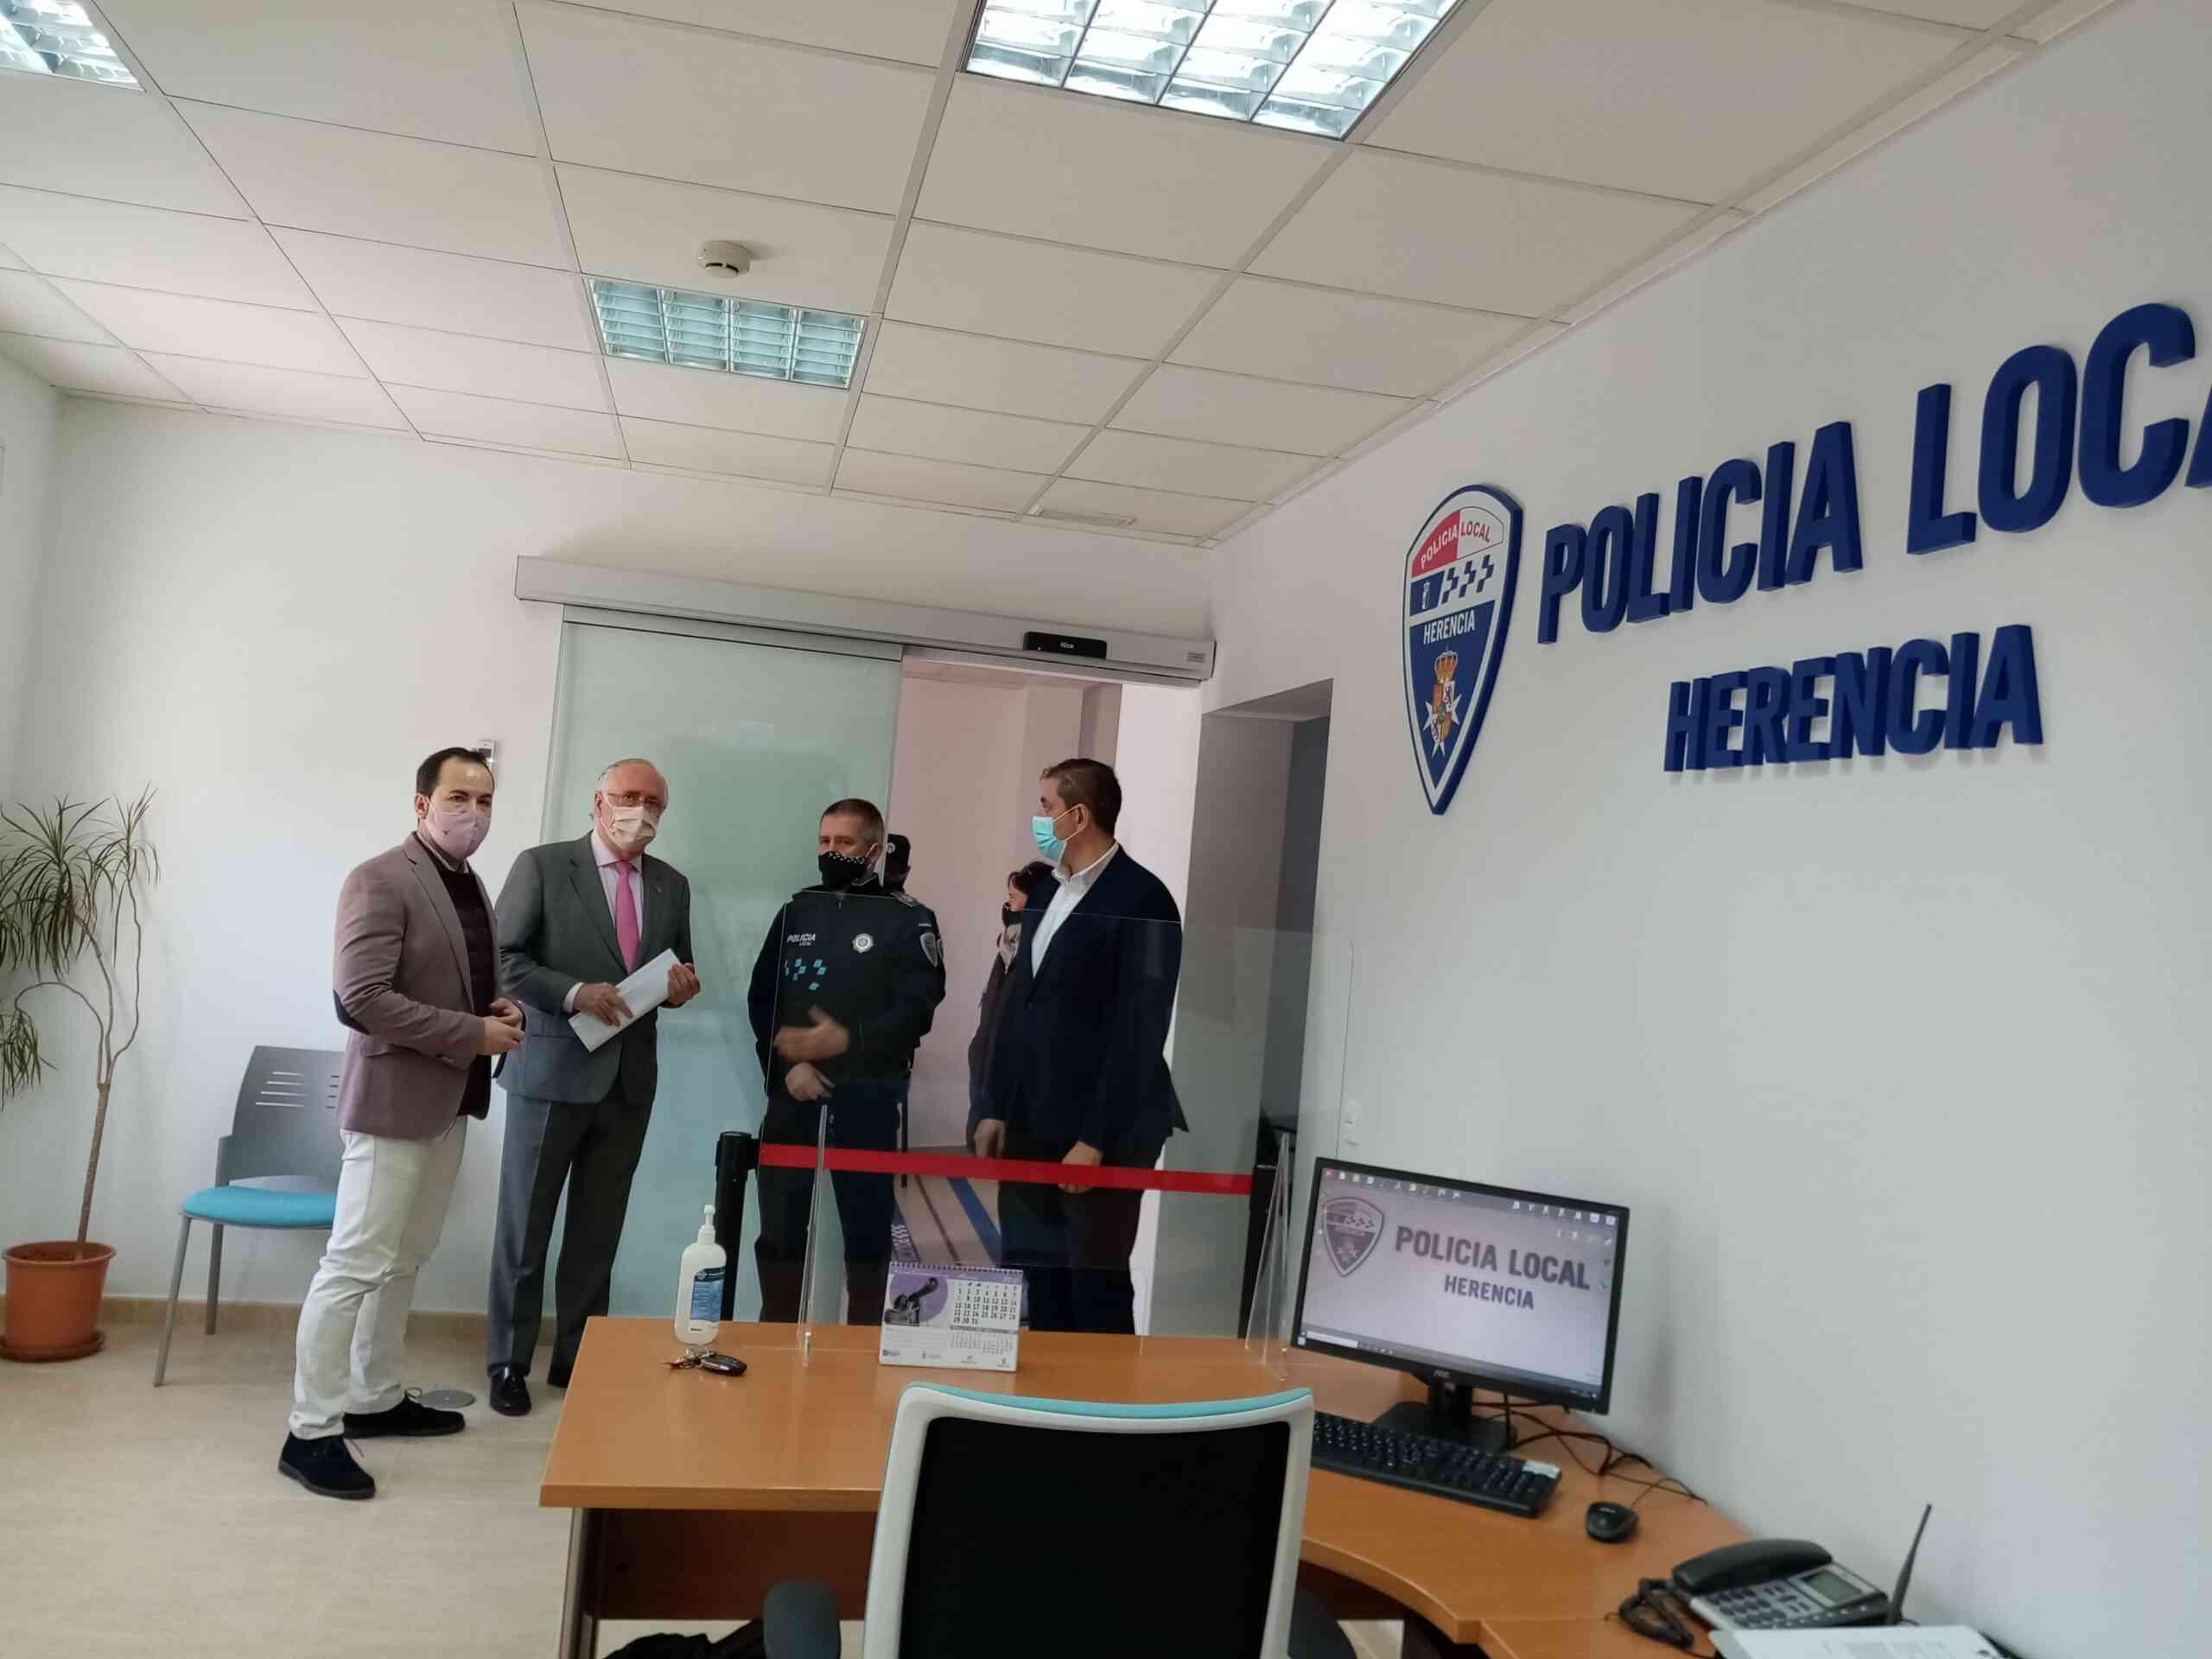 La Policía Local de Herencia inaugura sus nuevas instalaciones 5